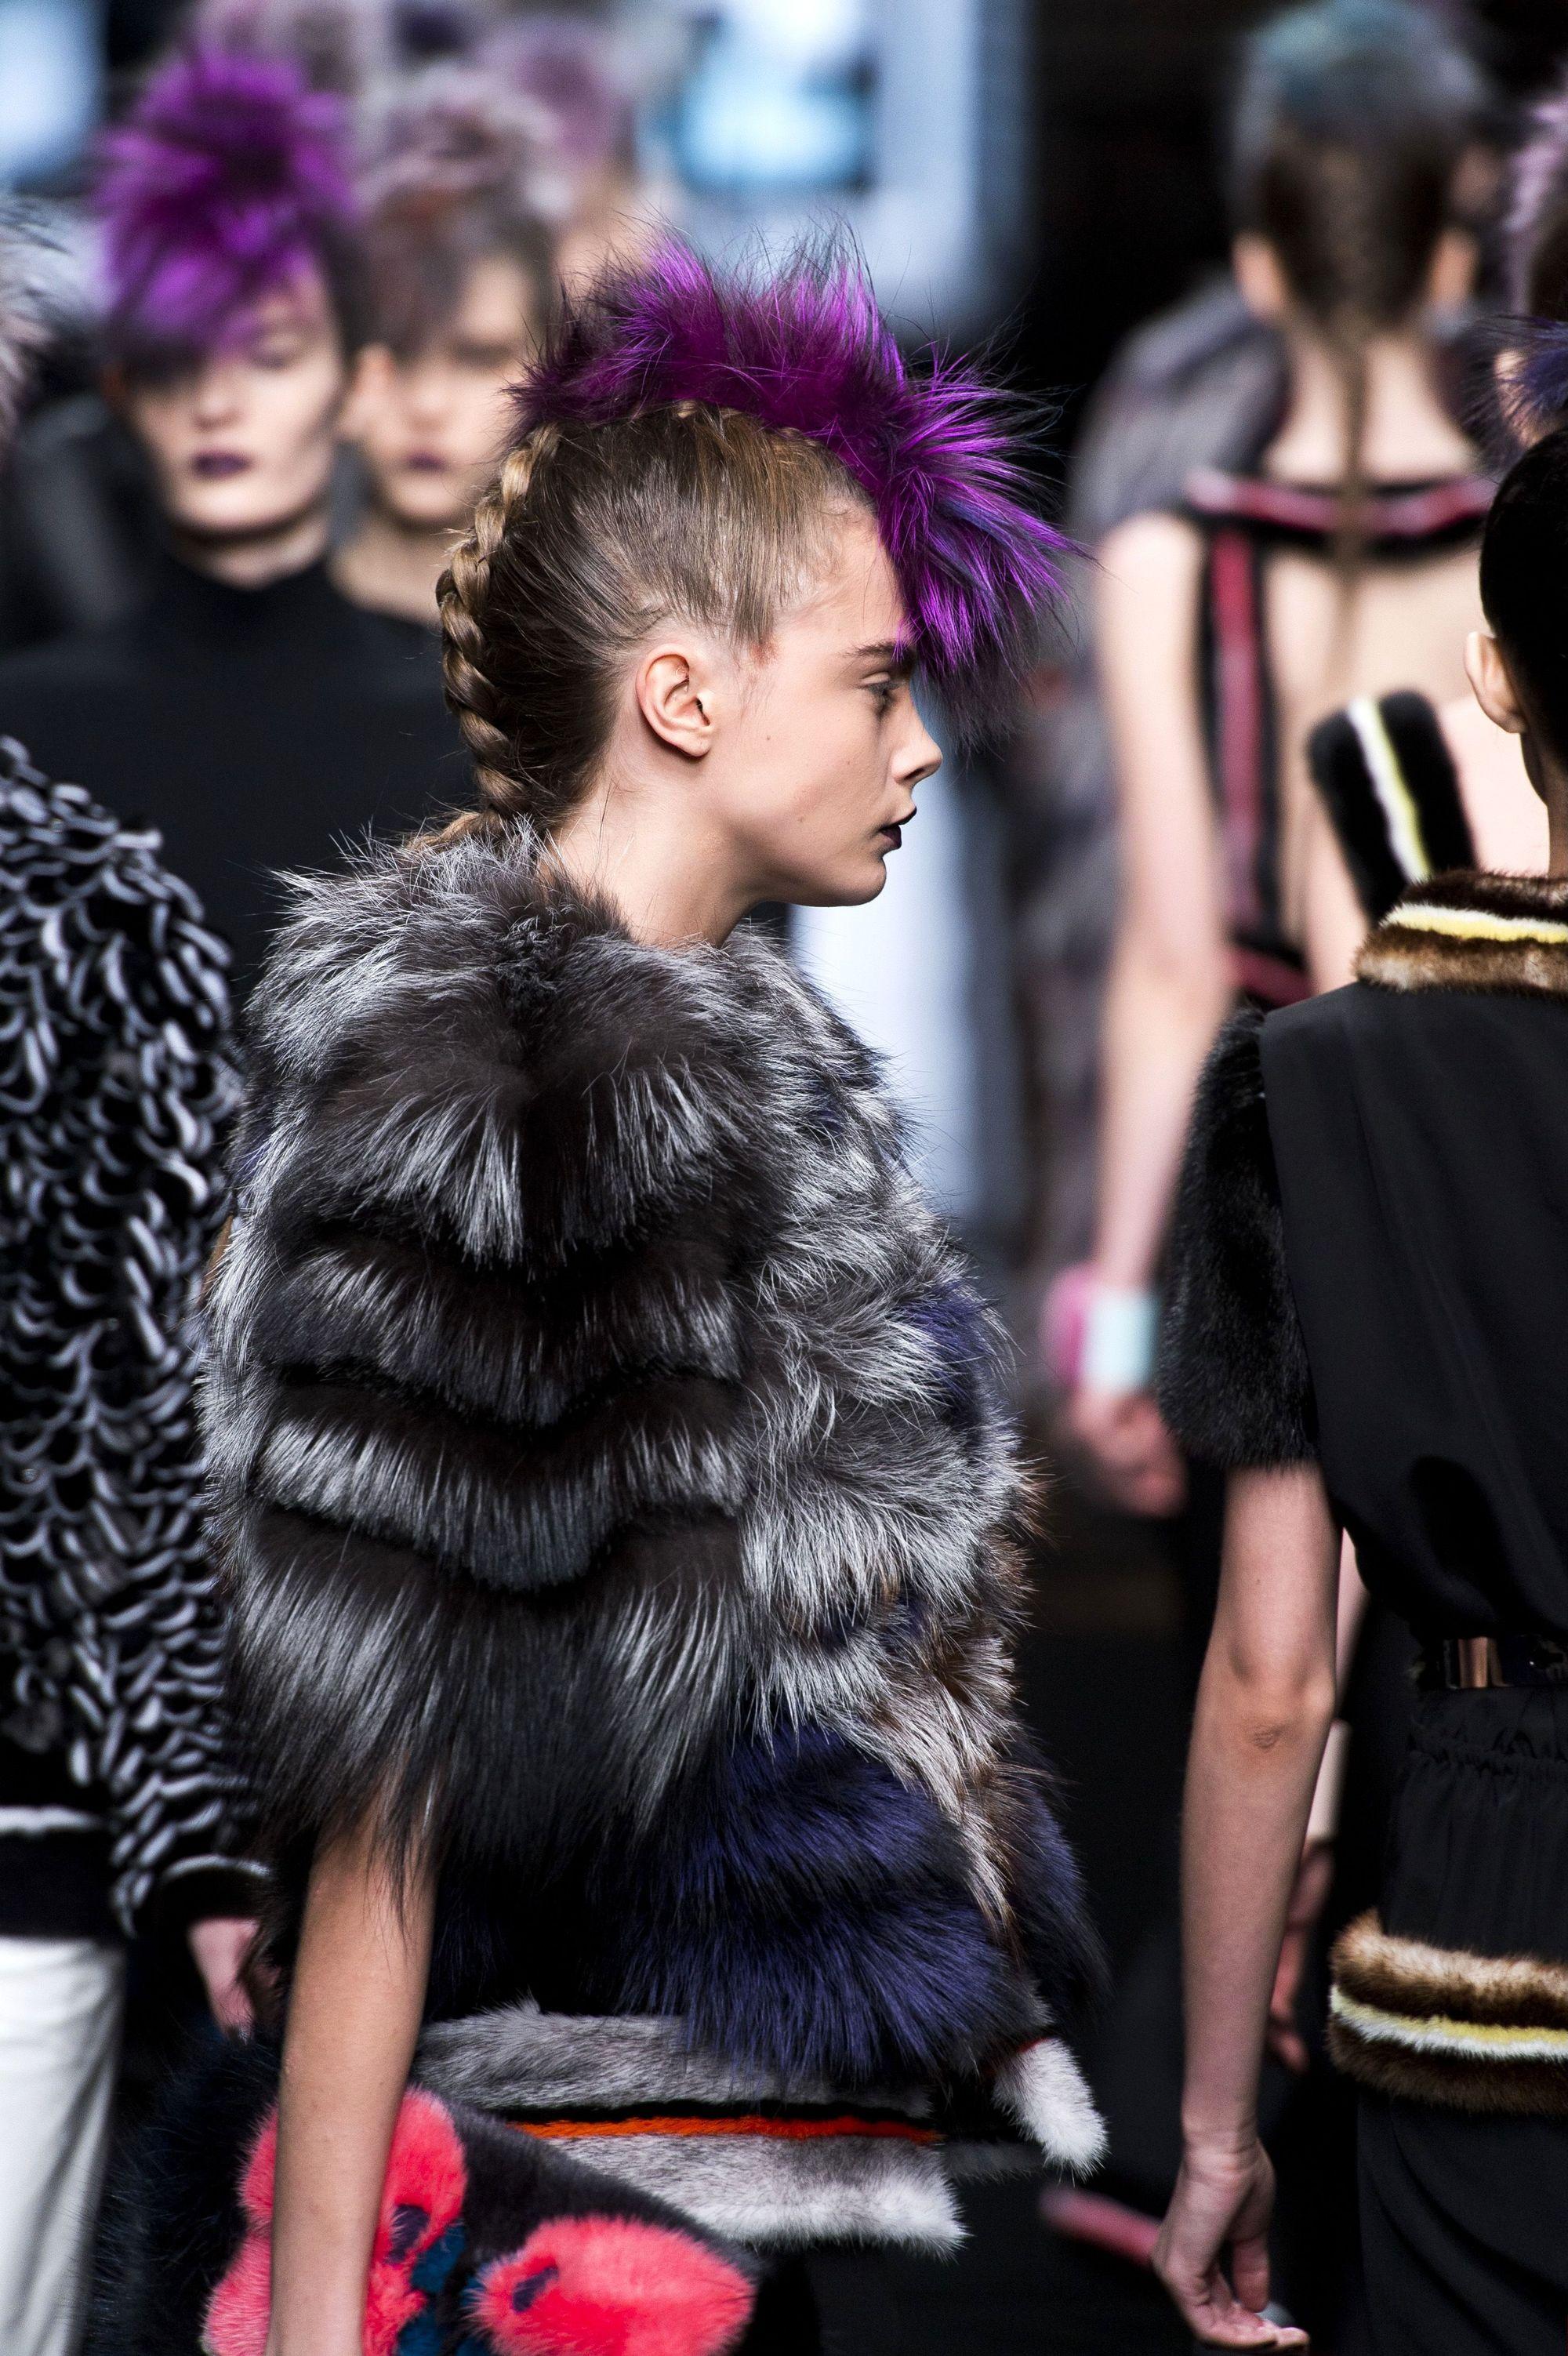 Vista de perfil de mujer castaña peinada con una trenza al medio que le zurca la cabeza y una cresta violeta encima.